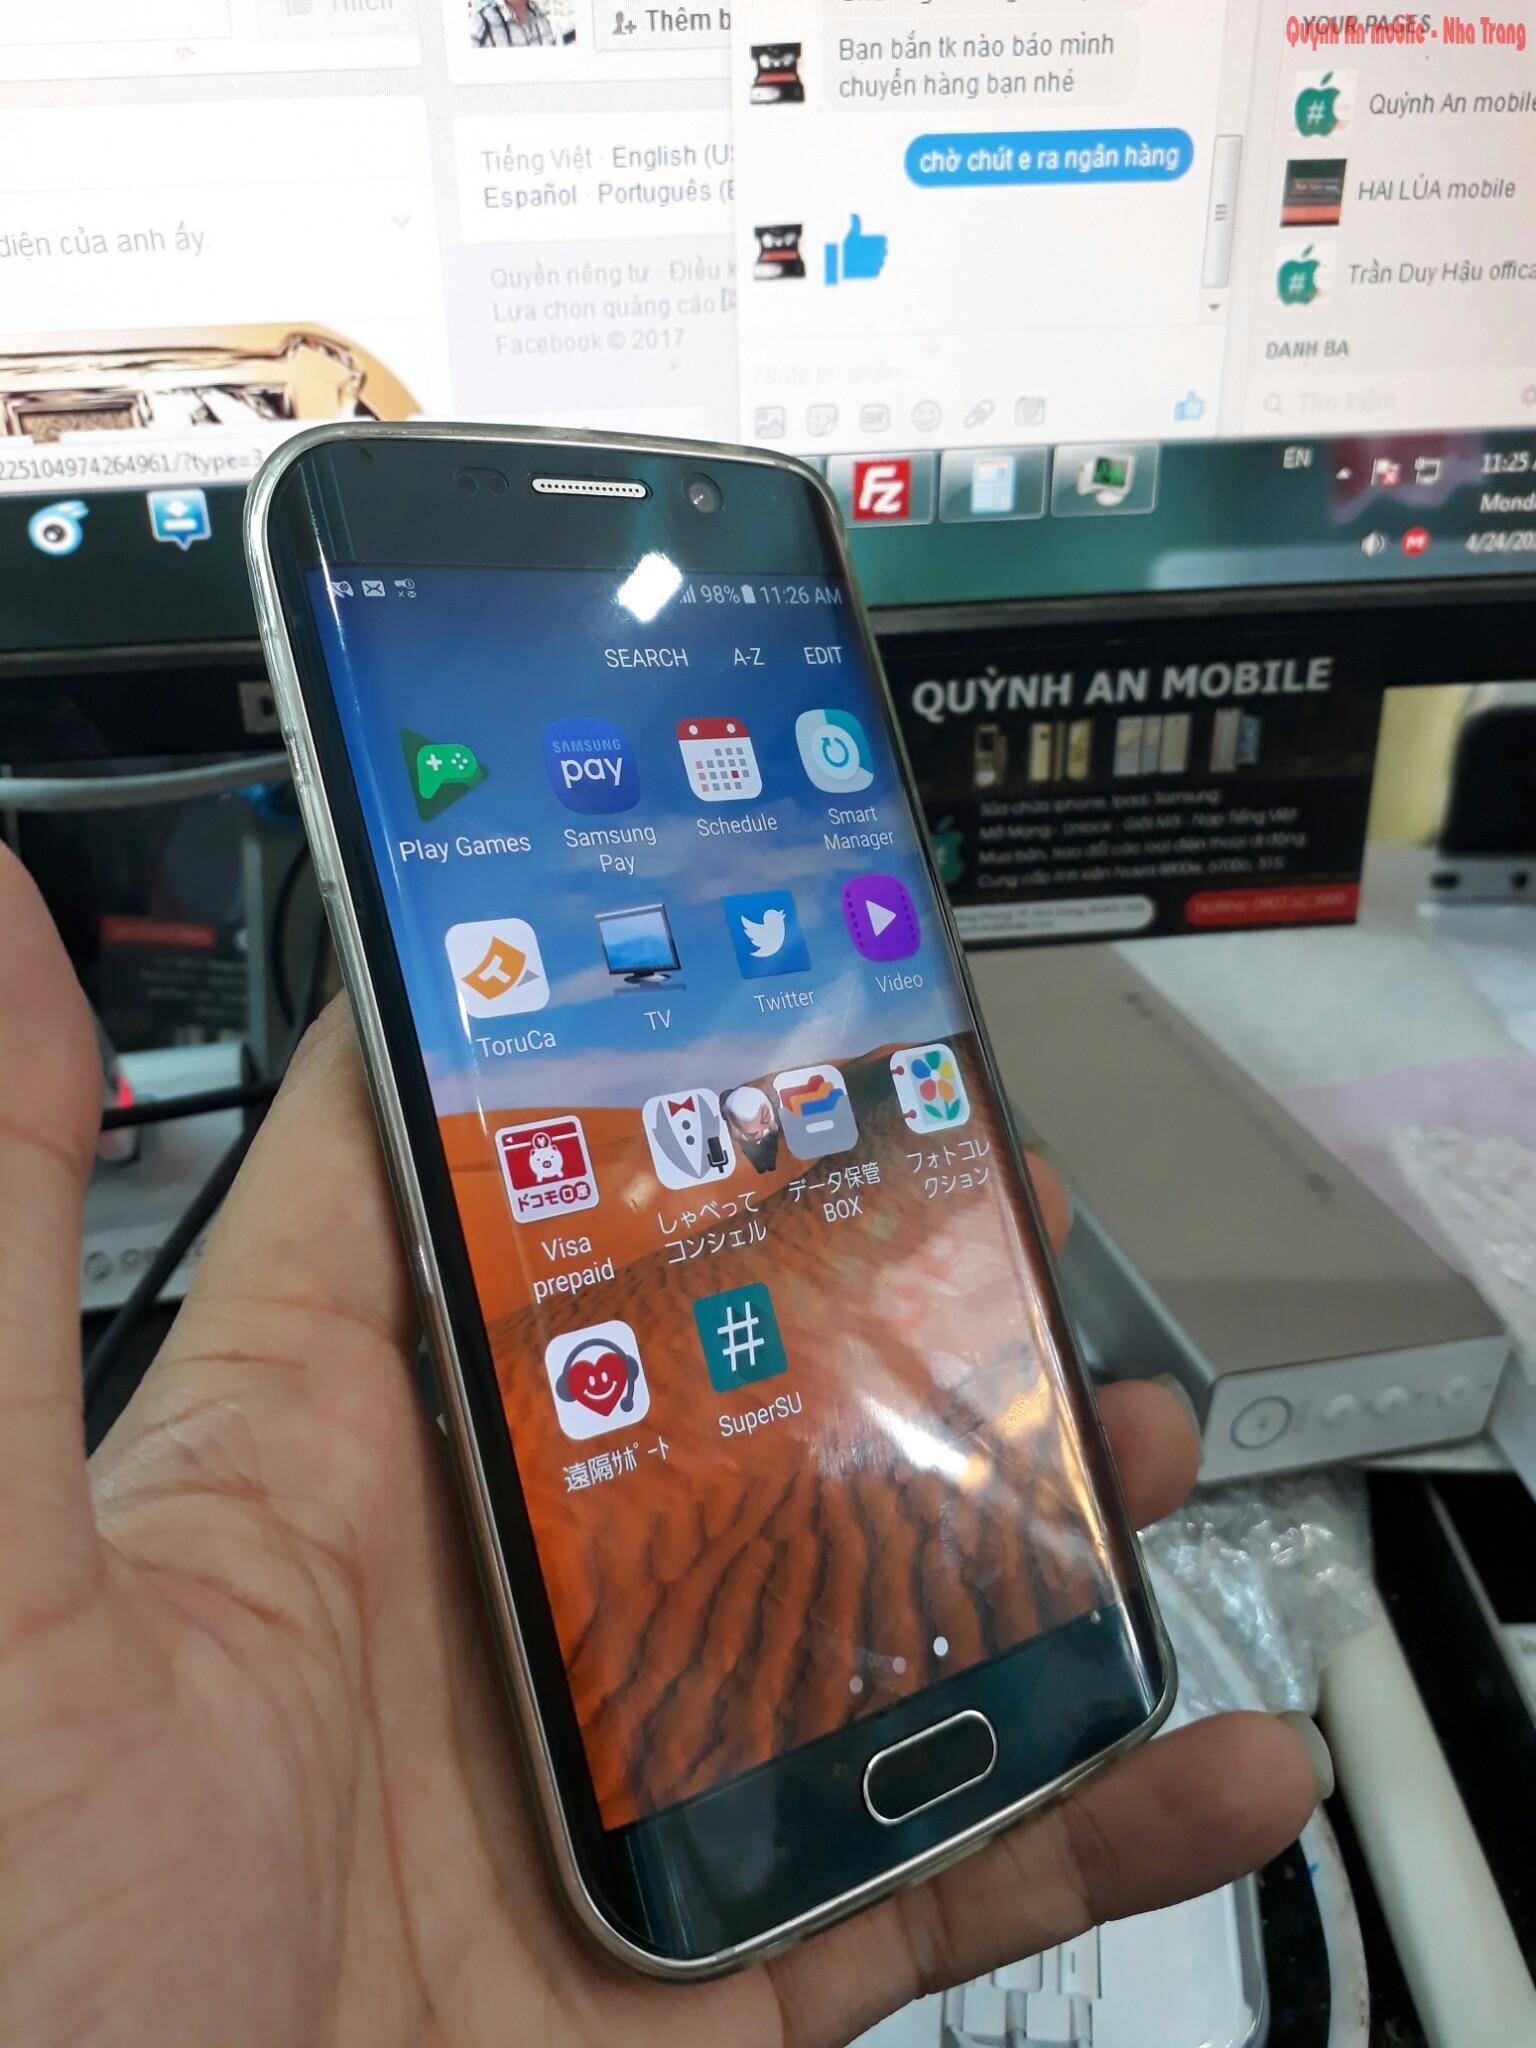 Máy Samsung galaxy S6 edge SC-04G xách tay về không cớ tiếng Việt và rất nhiều ứng dụng rác từ nhà mạng